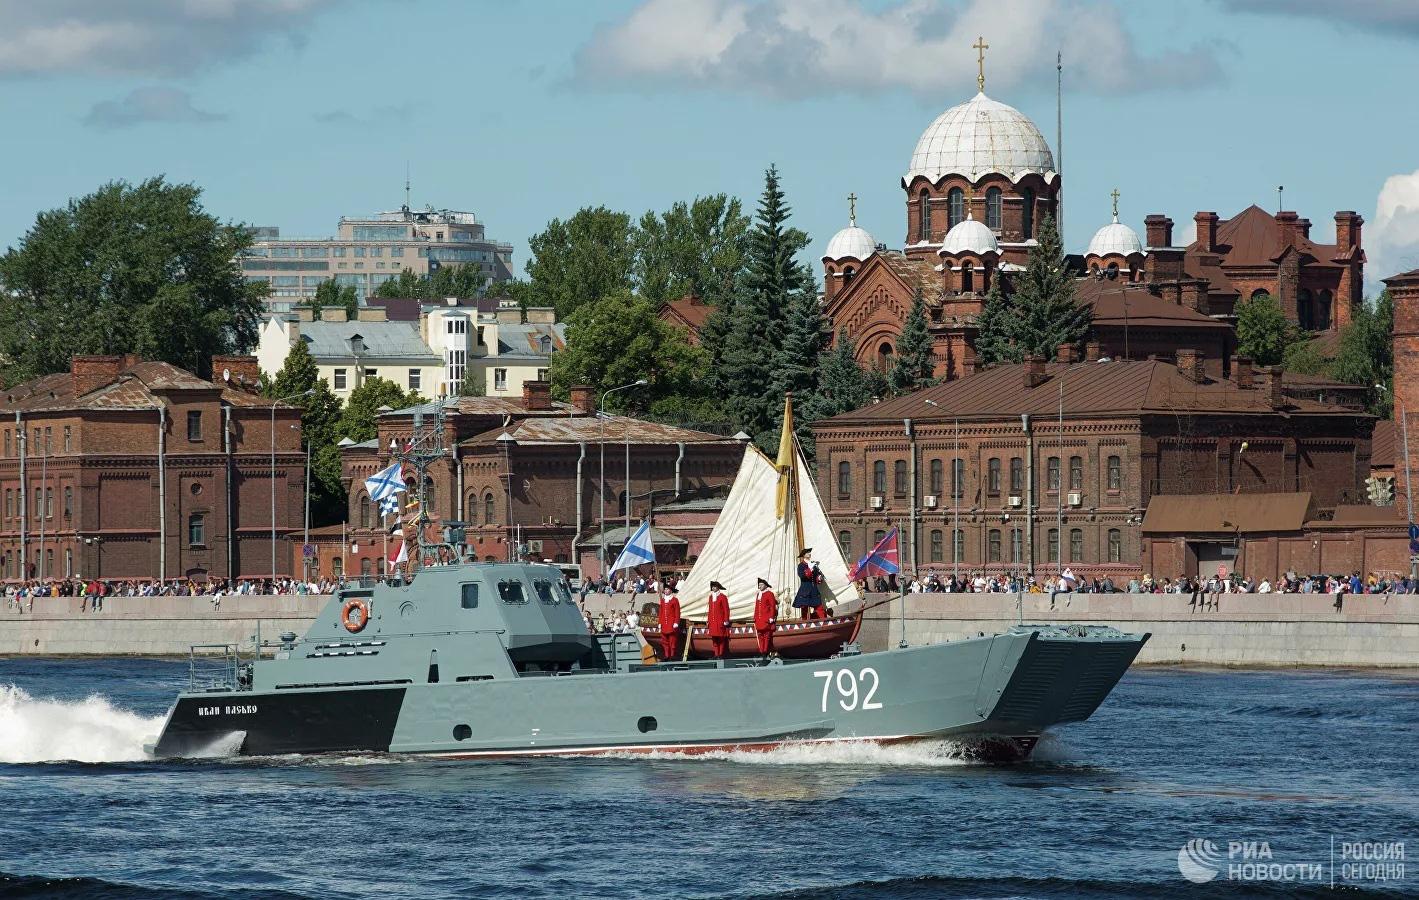 Chiêm ngưỡng 250 tàu chiến khủng của Nga trong lễ duyệt binh mừng ngày hải quân - Ảnh 2.